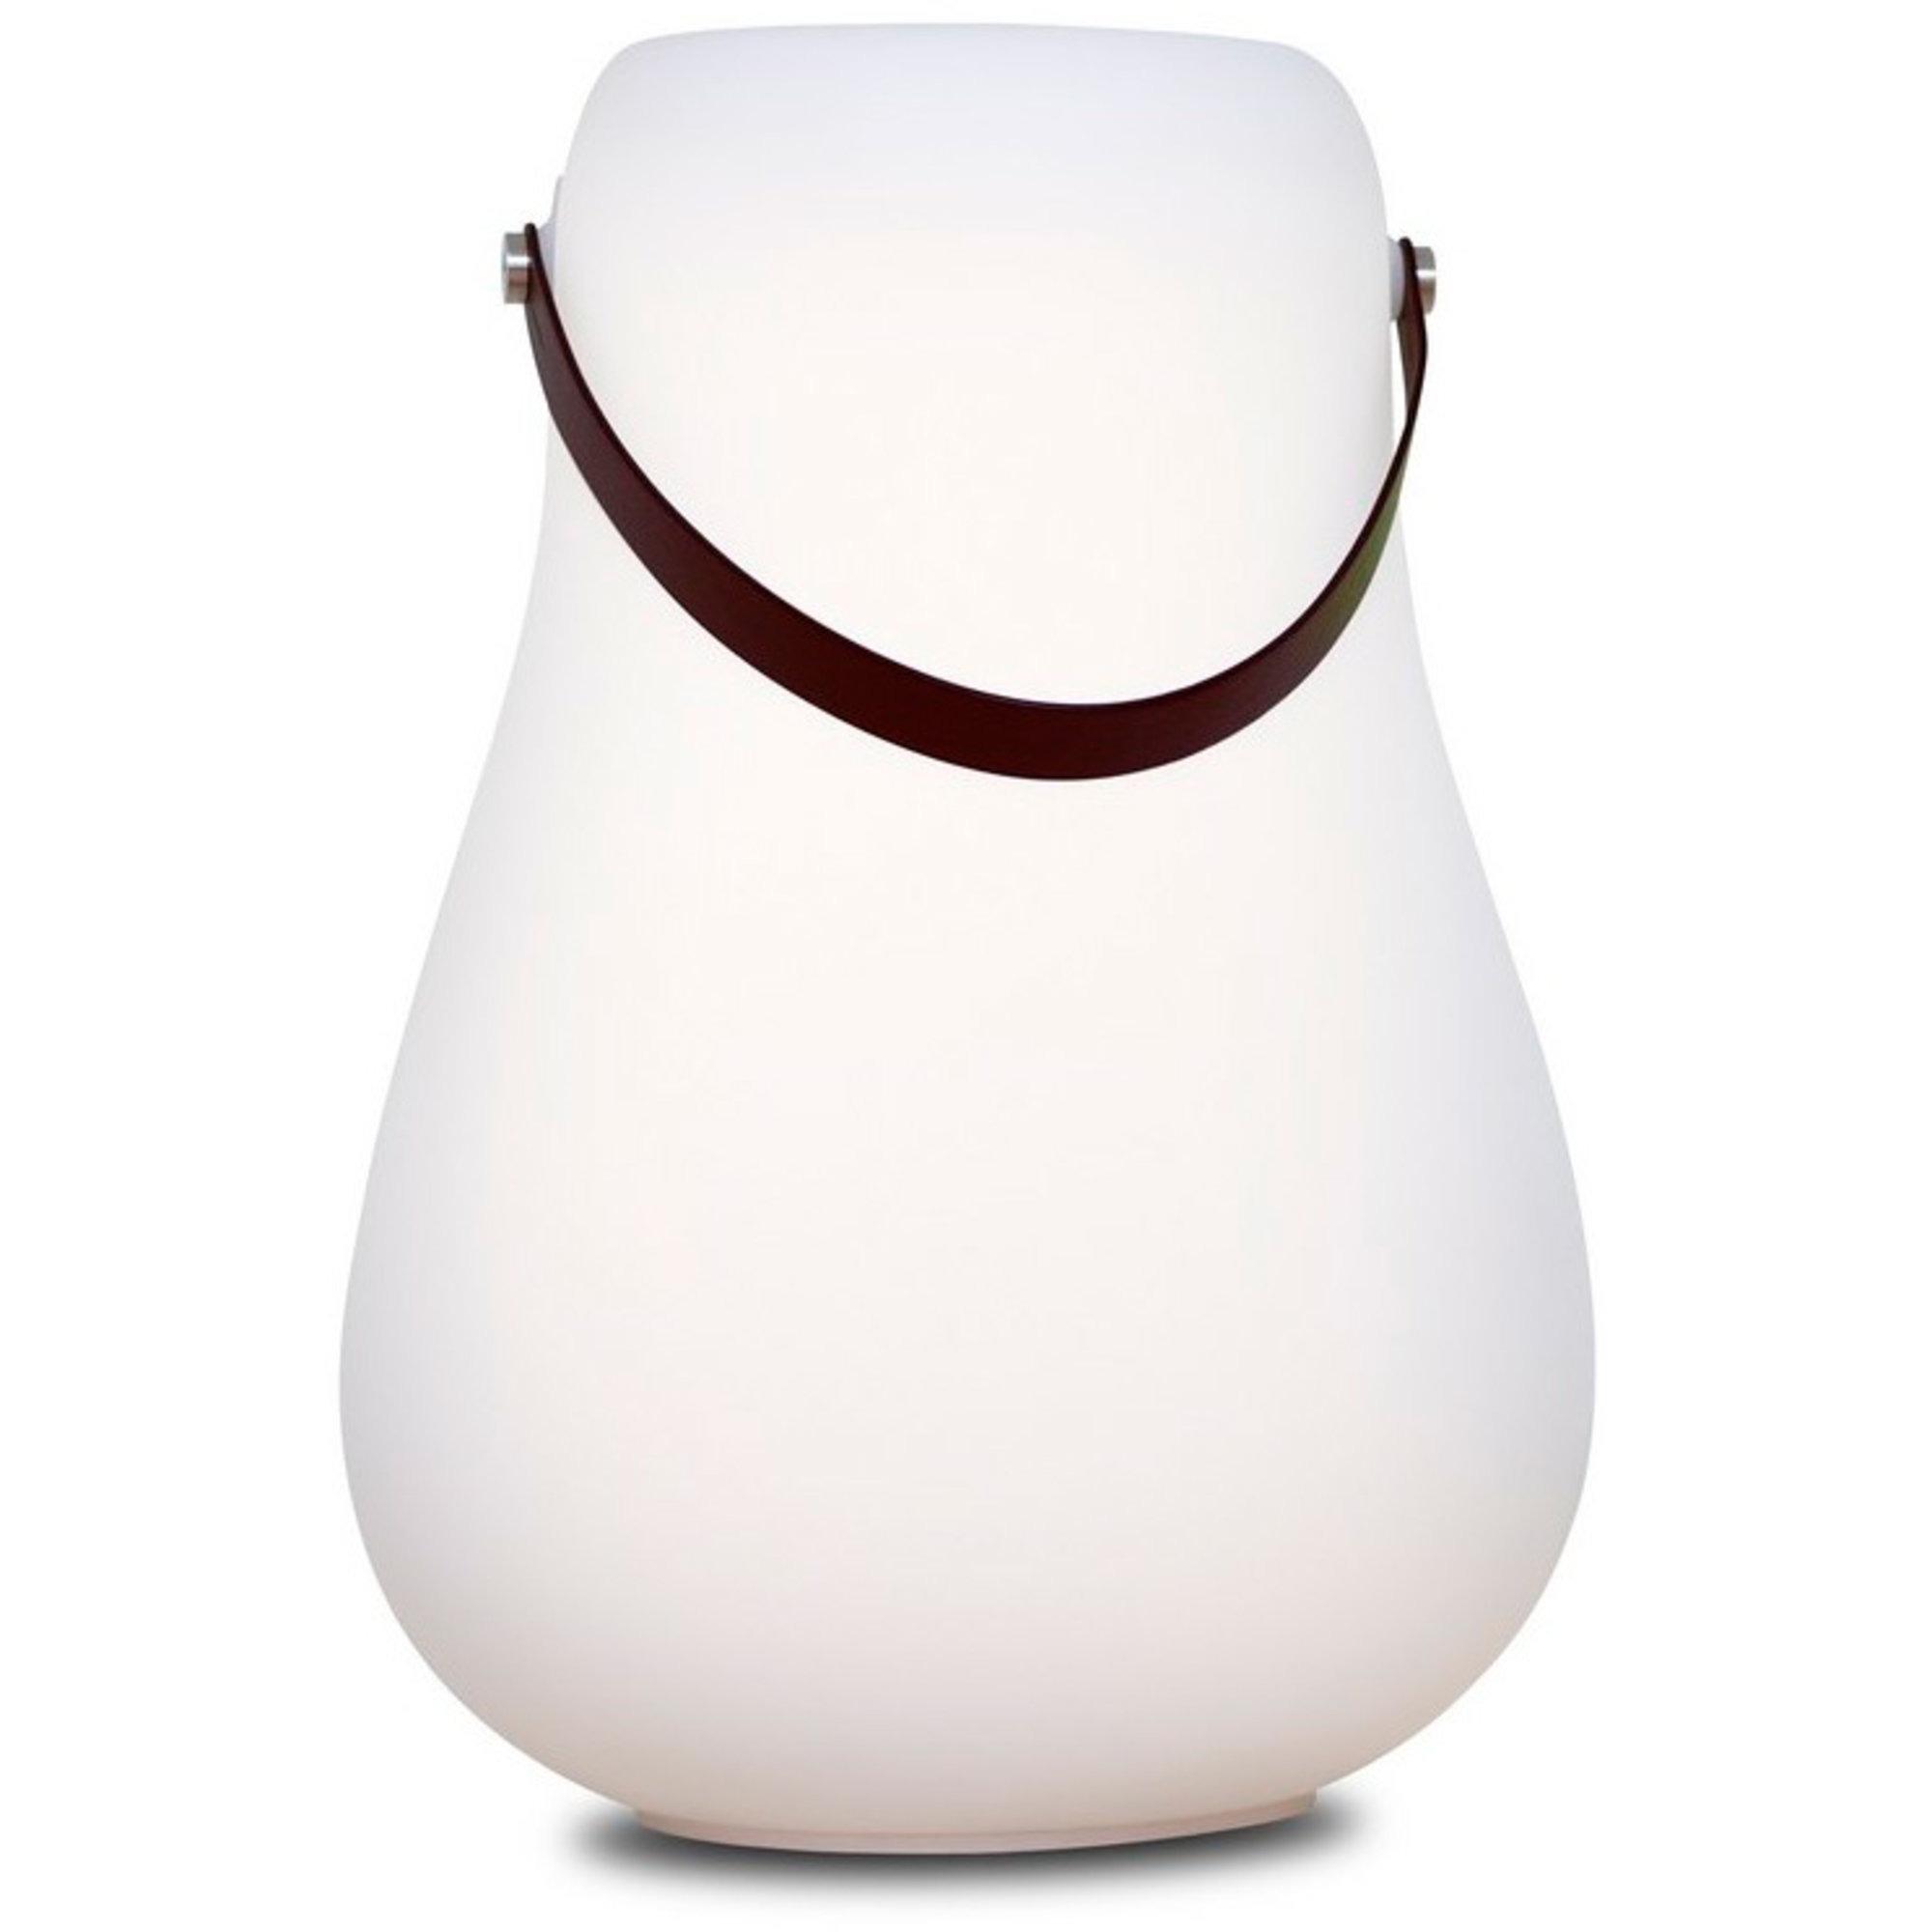 Nordic D'Luxx Flowerpot XL Light & Speaker